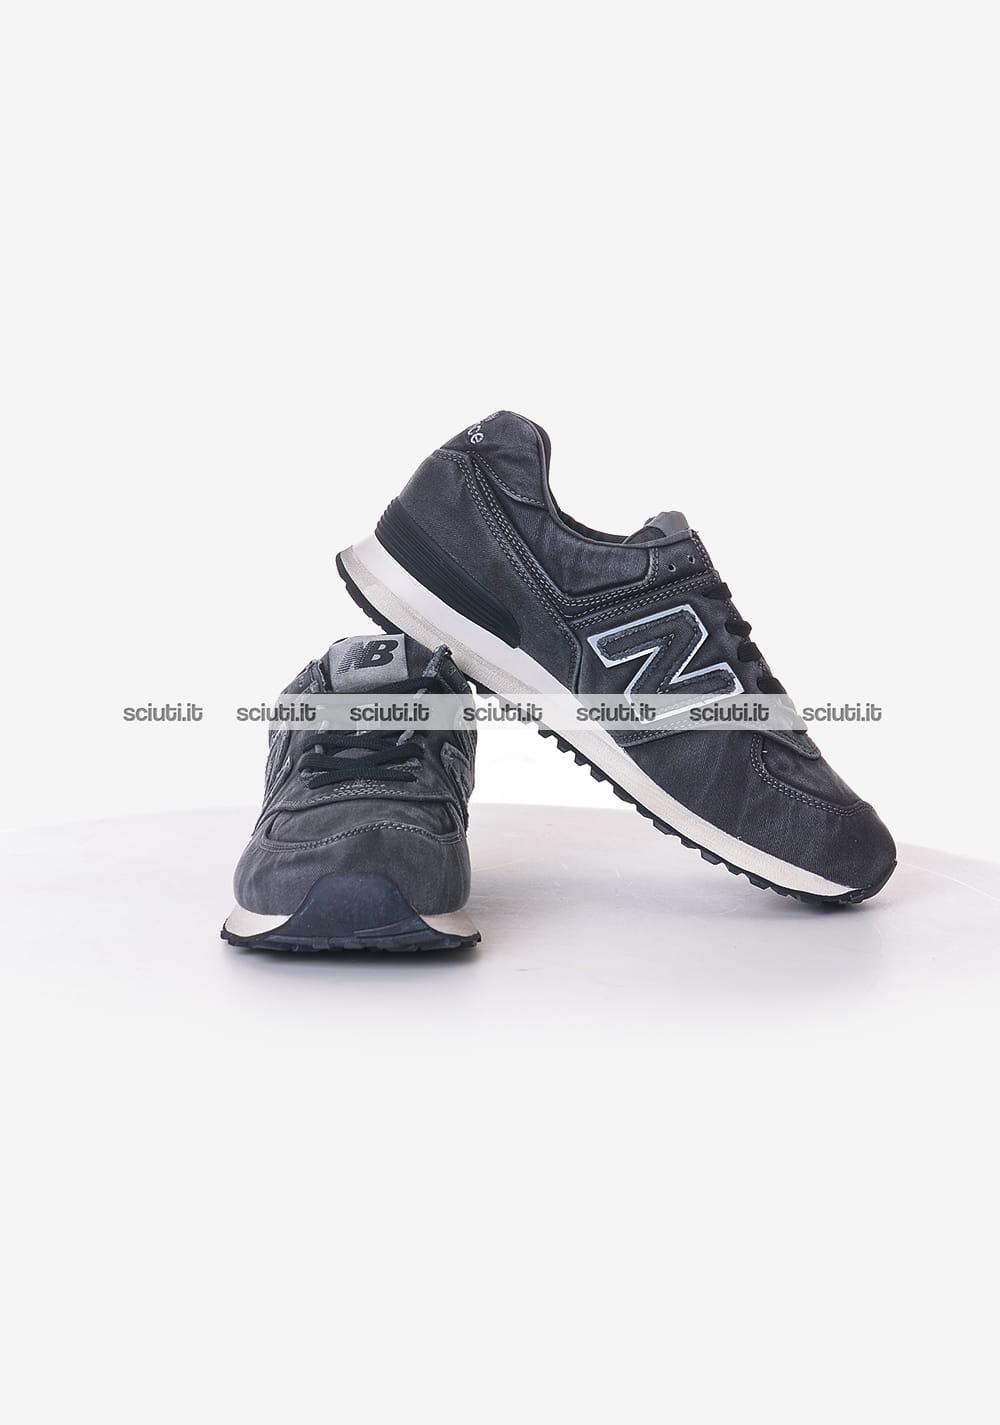 scarpe new balance uomo 574 nere